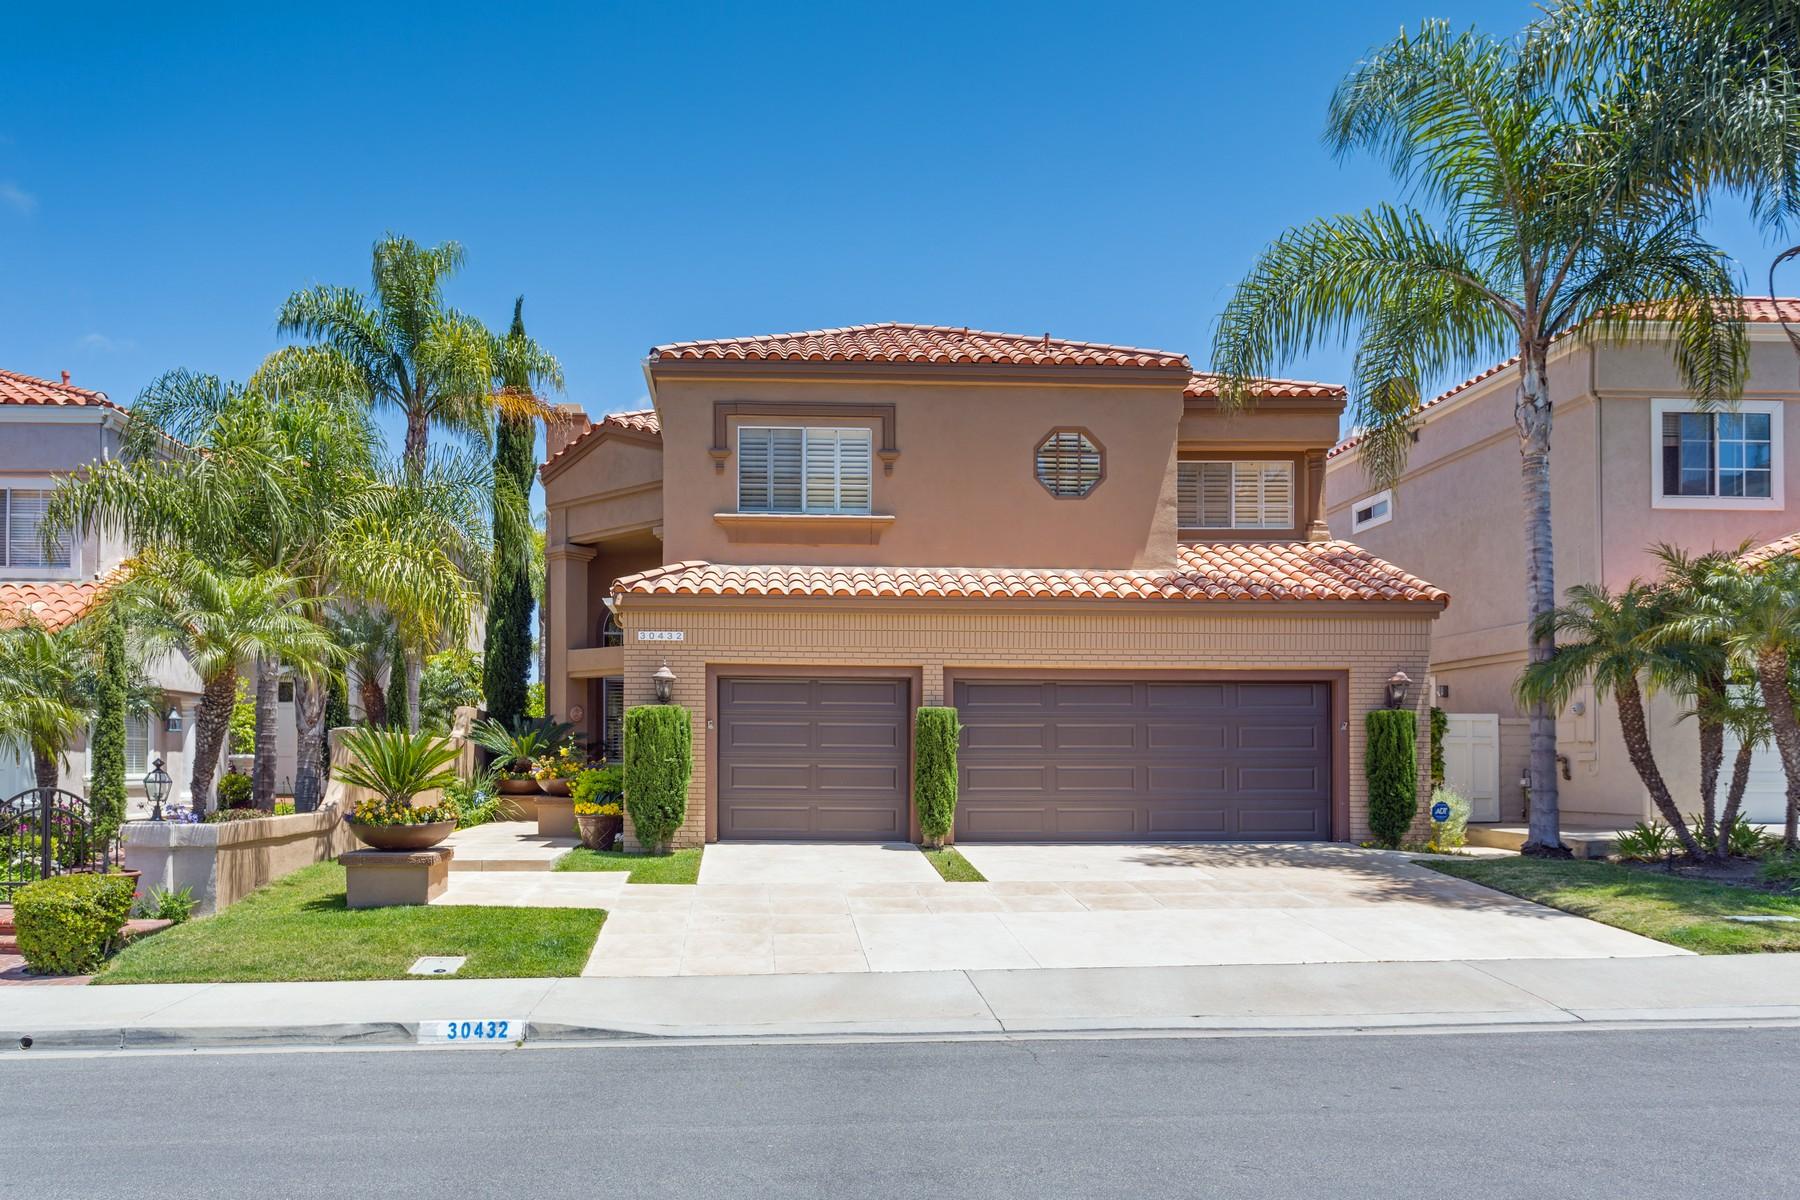 Casa Unifamiliar por un Venta en 30432 La Vue Laguna Niguel, California 92677 Estados Unidos